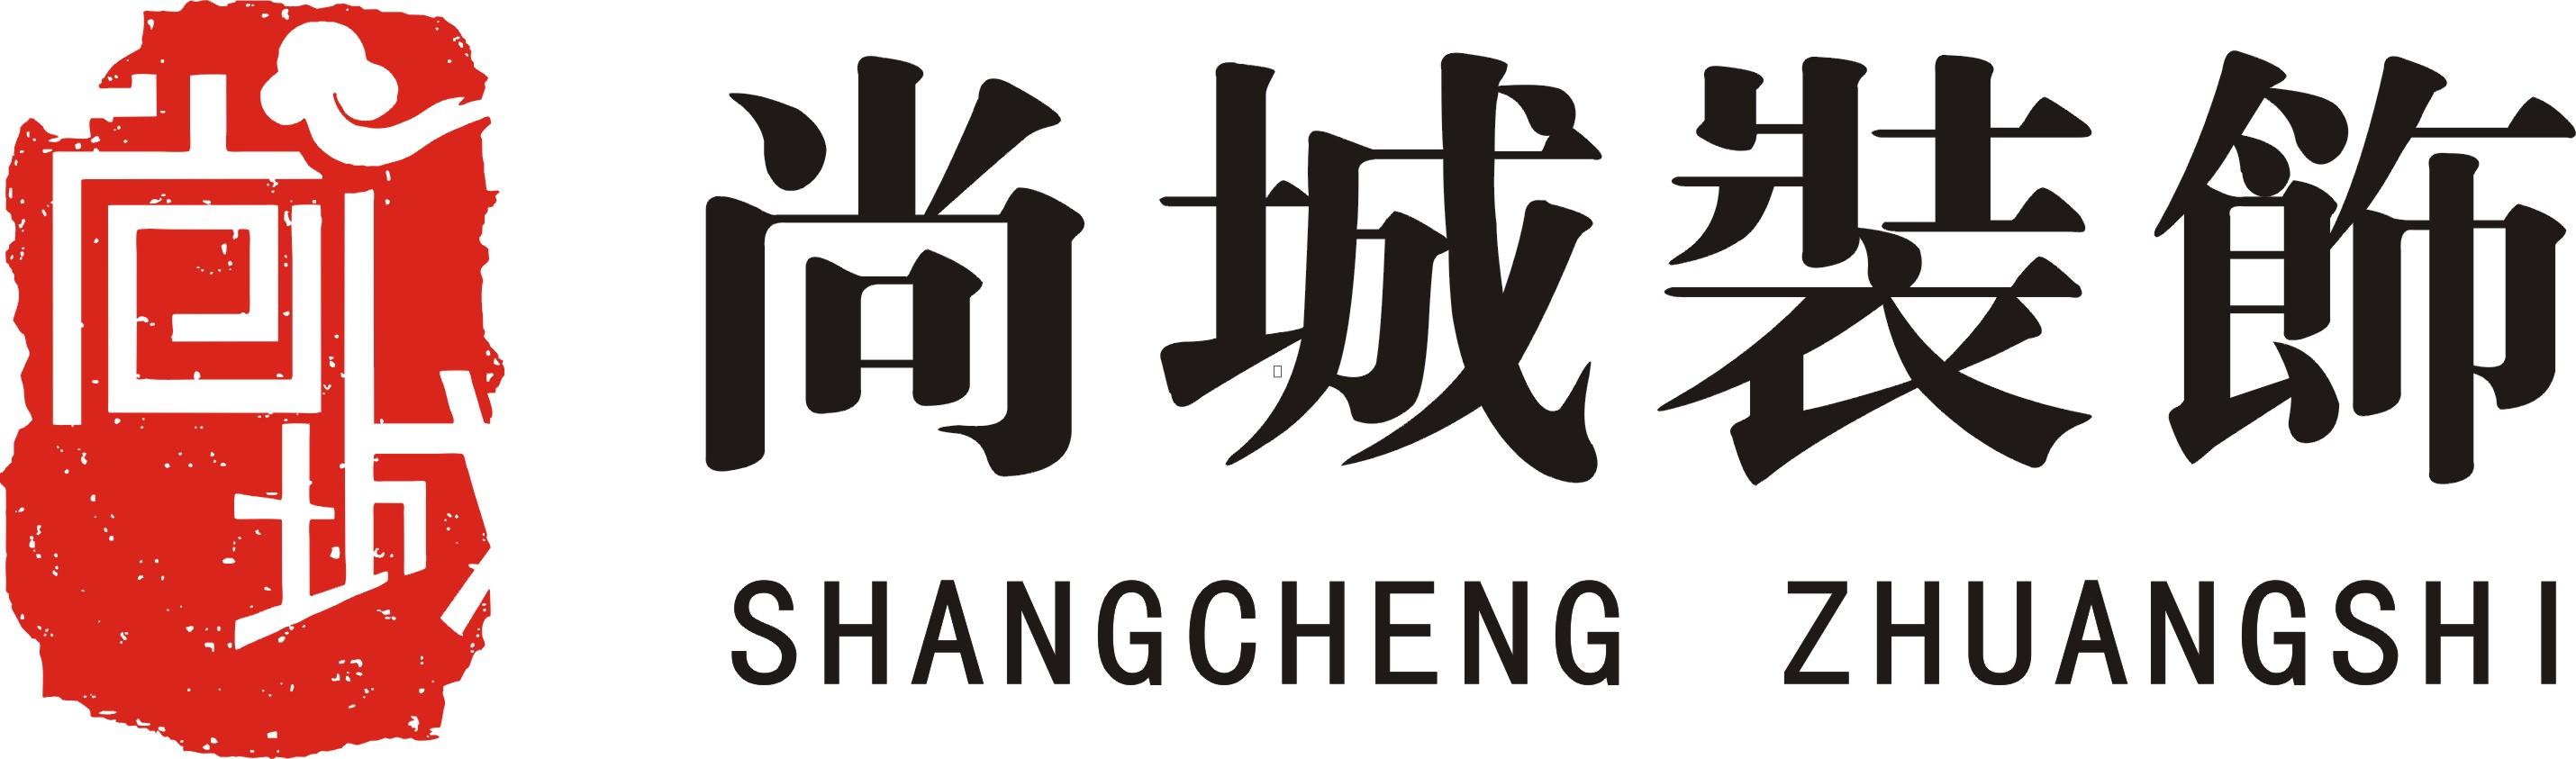 四川贵兴尚城建筑装饰工程有限公司